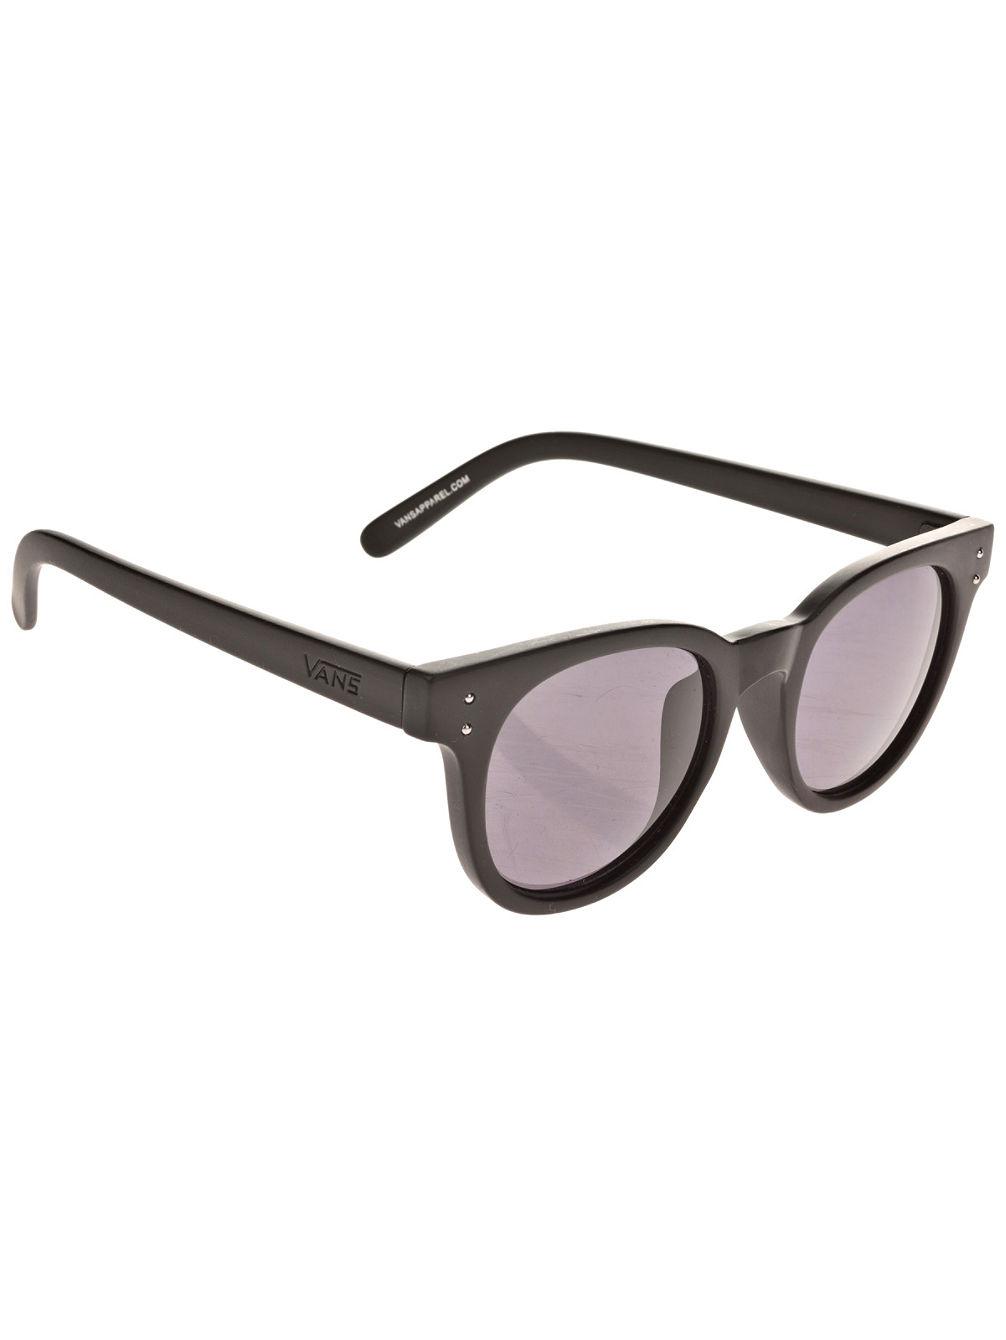 5f9c660157 Compra Vans Welborn Black Gafas de sol en línea en Blue Tomato